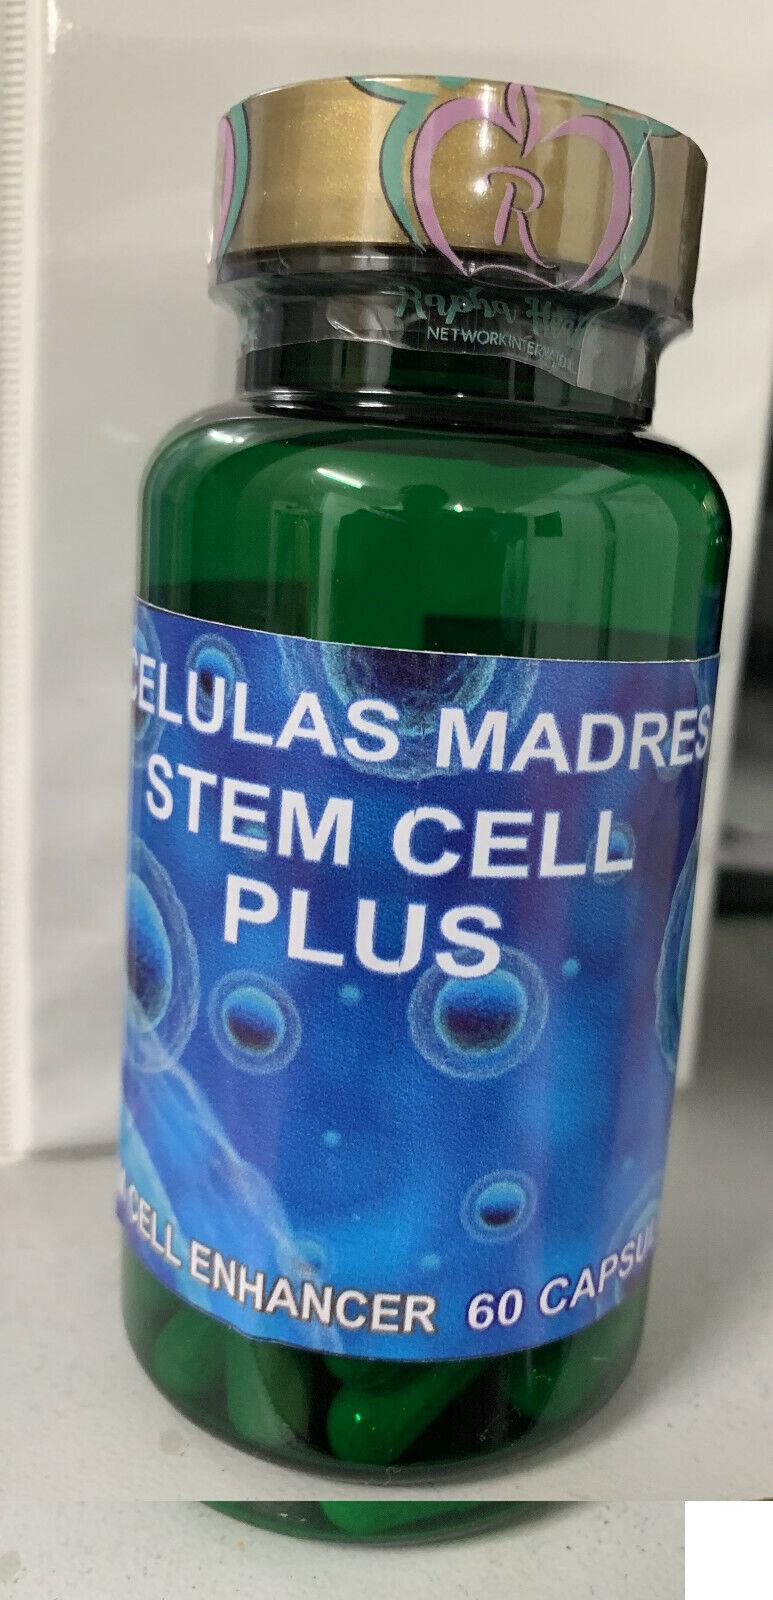 3 Celulas Madres steam enhancer 100% regenerador celular maravilloso madre cell+ 2